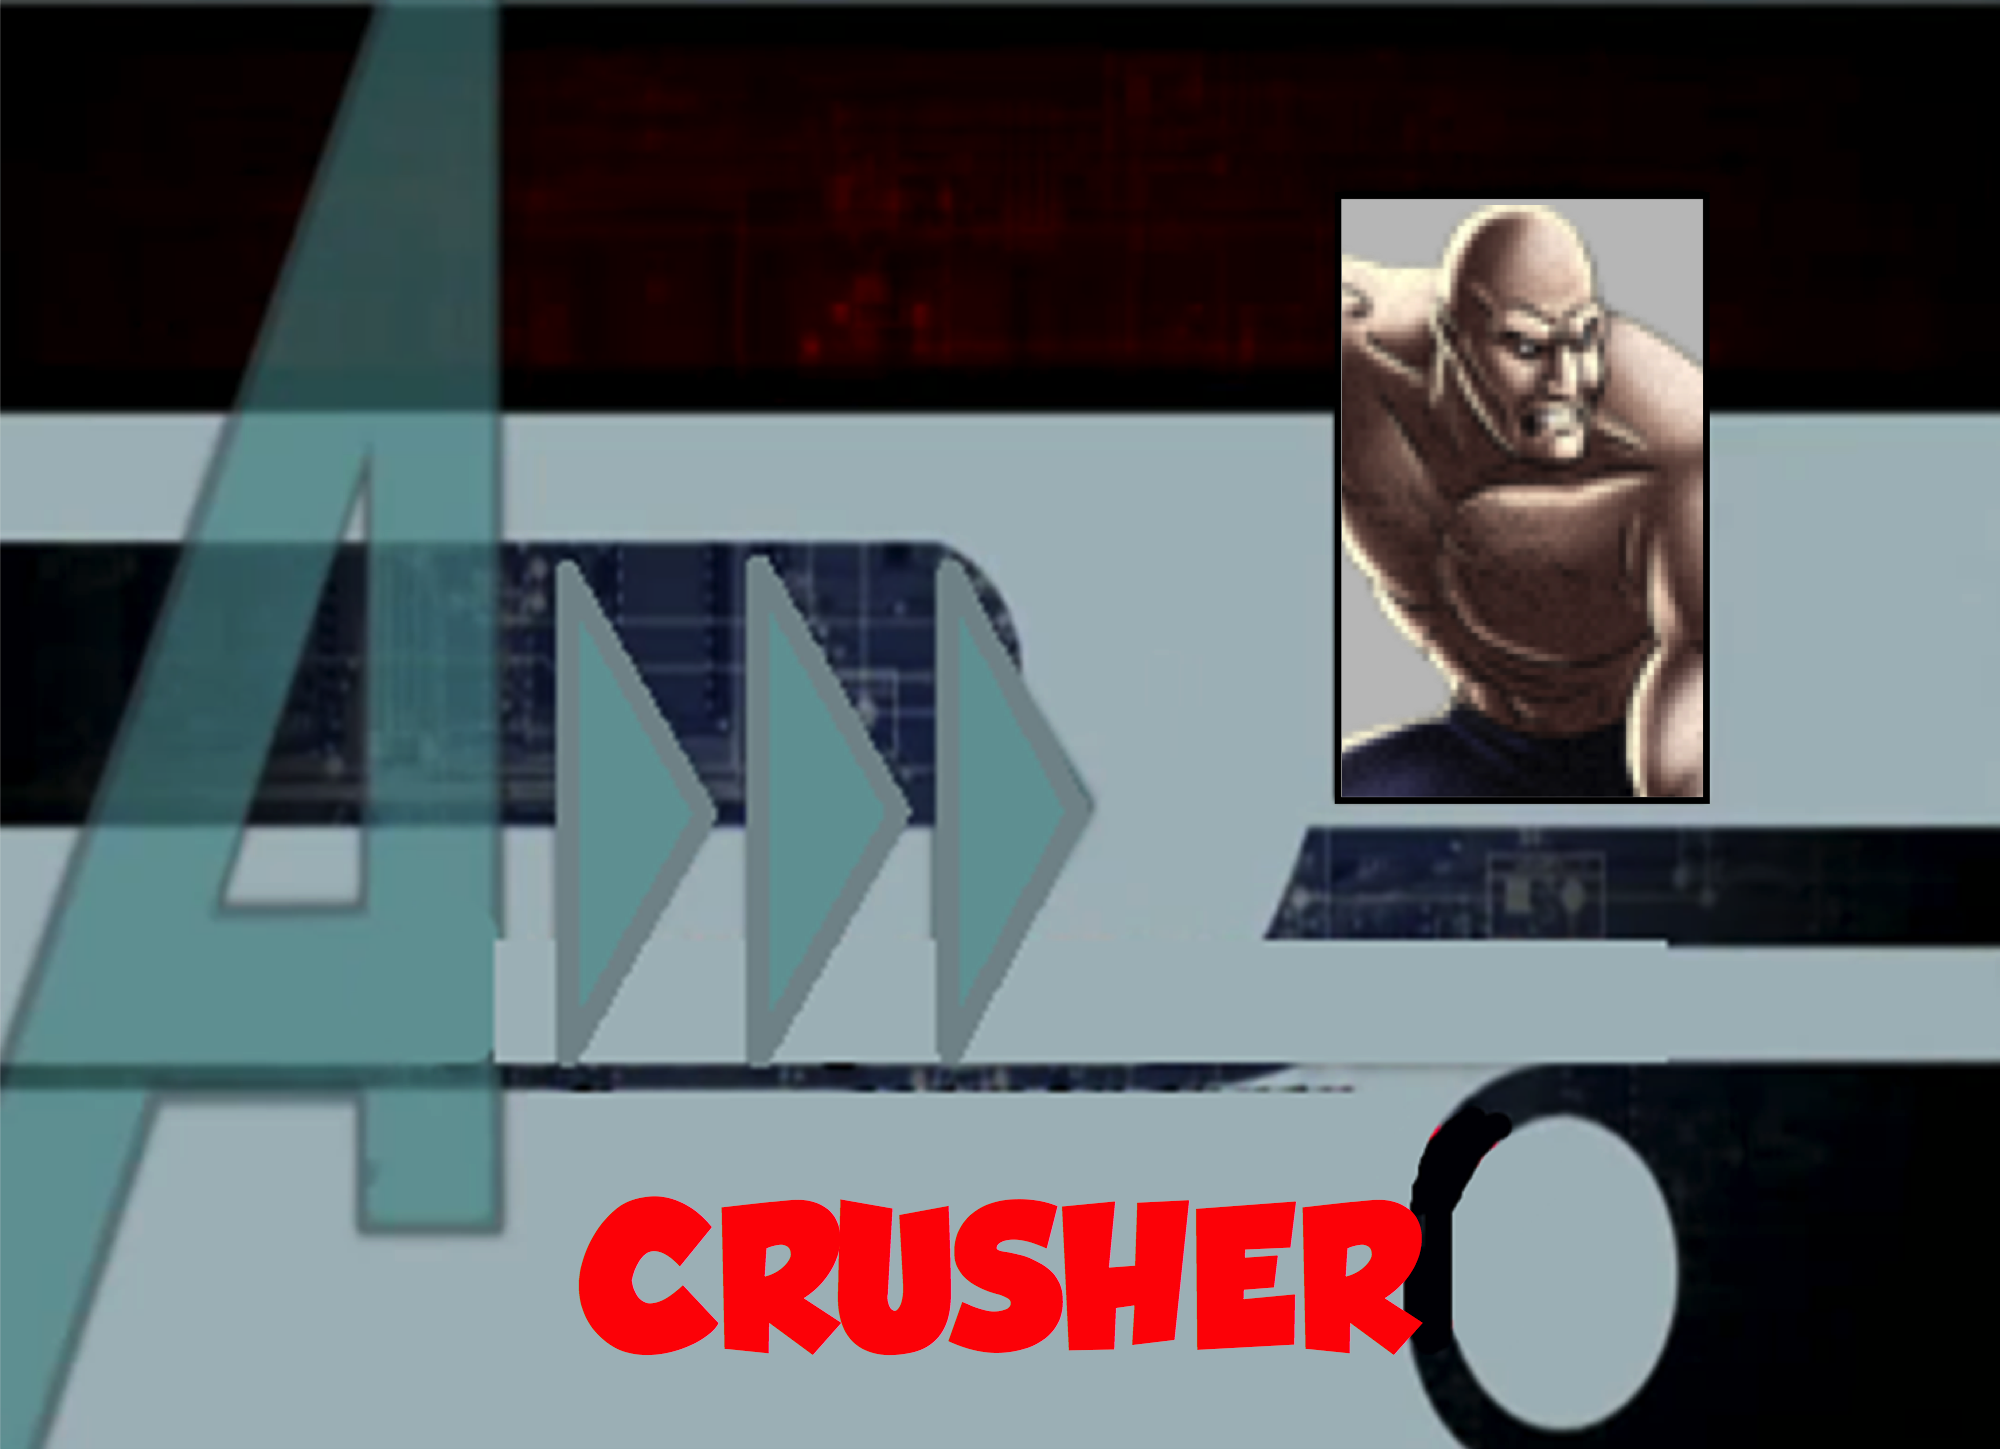 Crusher (A!)